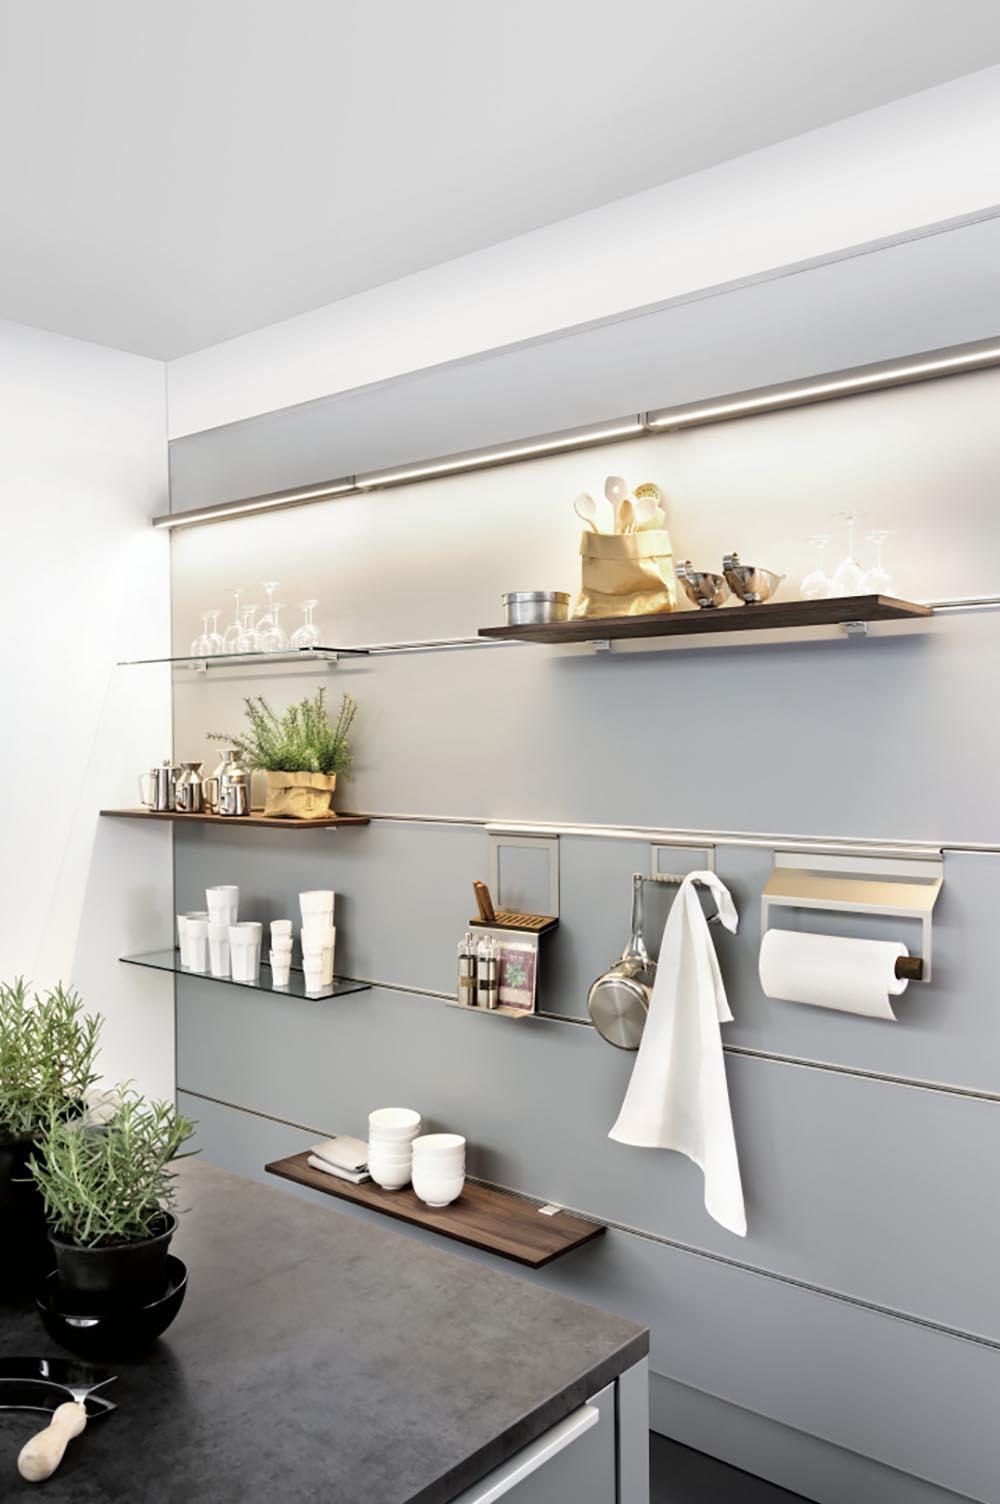 Rangements étagères et décoration pièce à vivre intérieur littoz